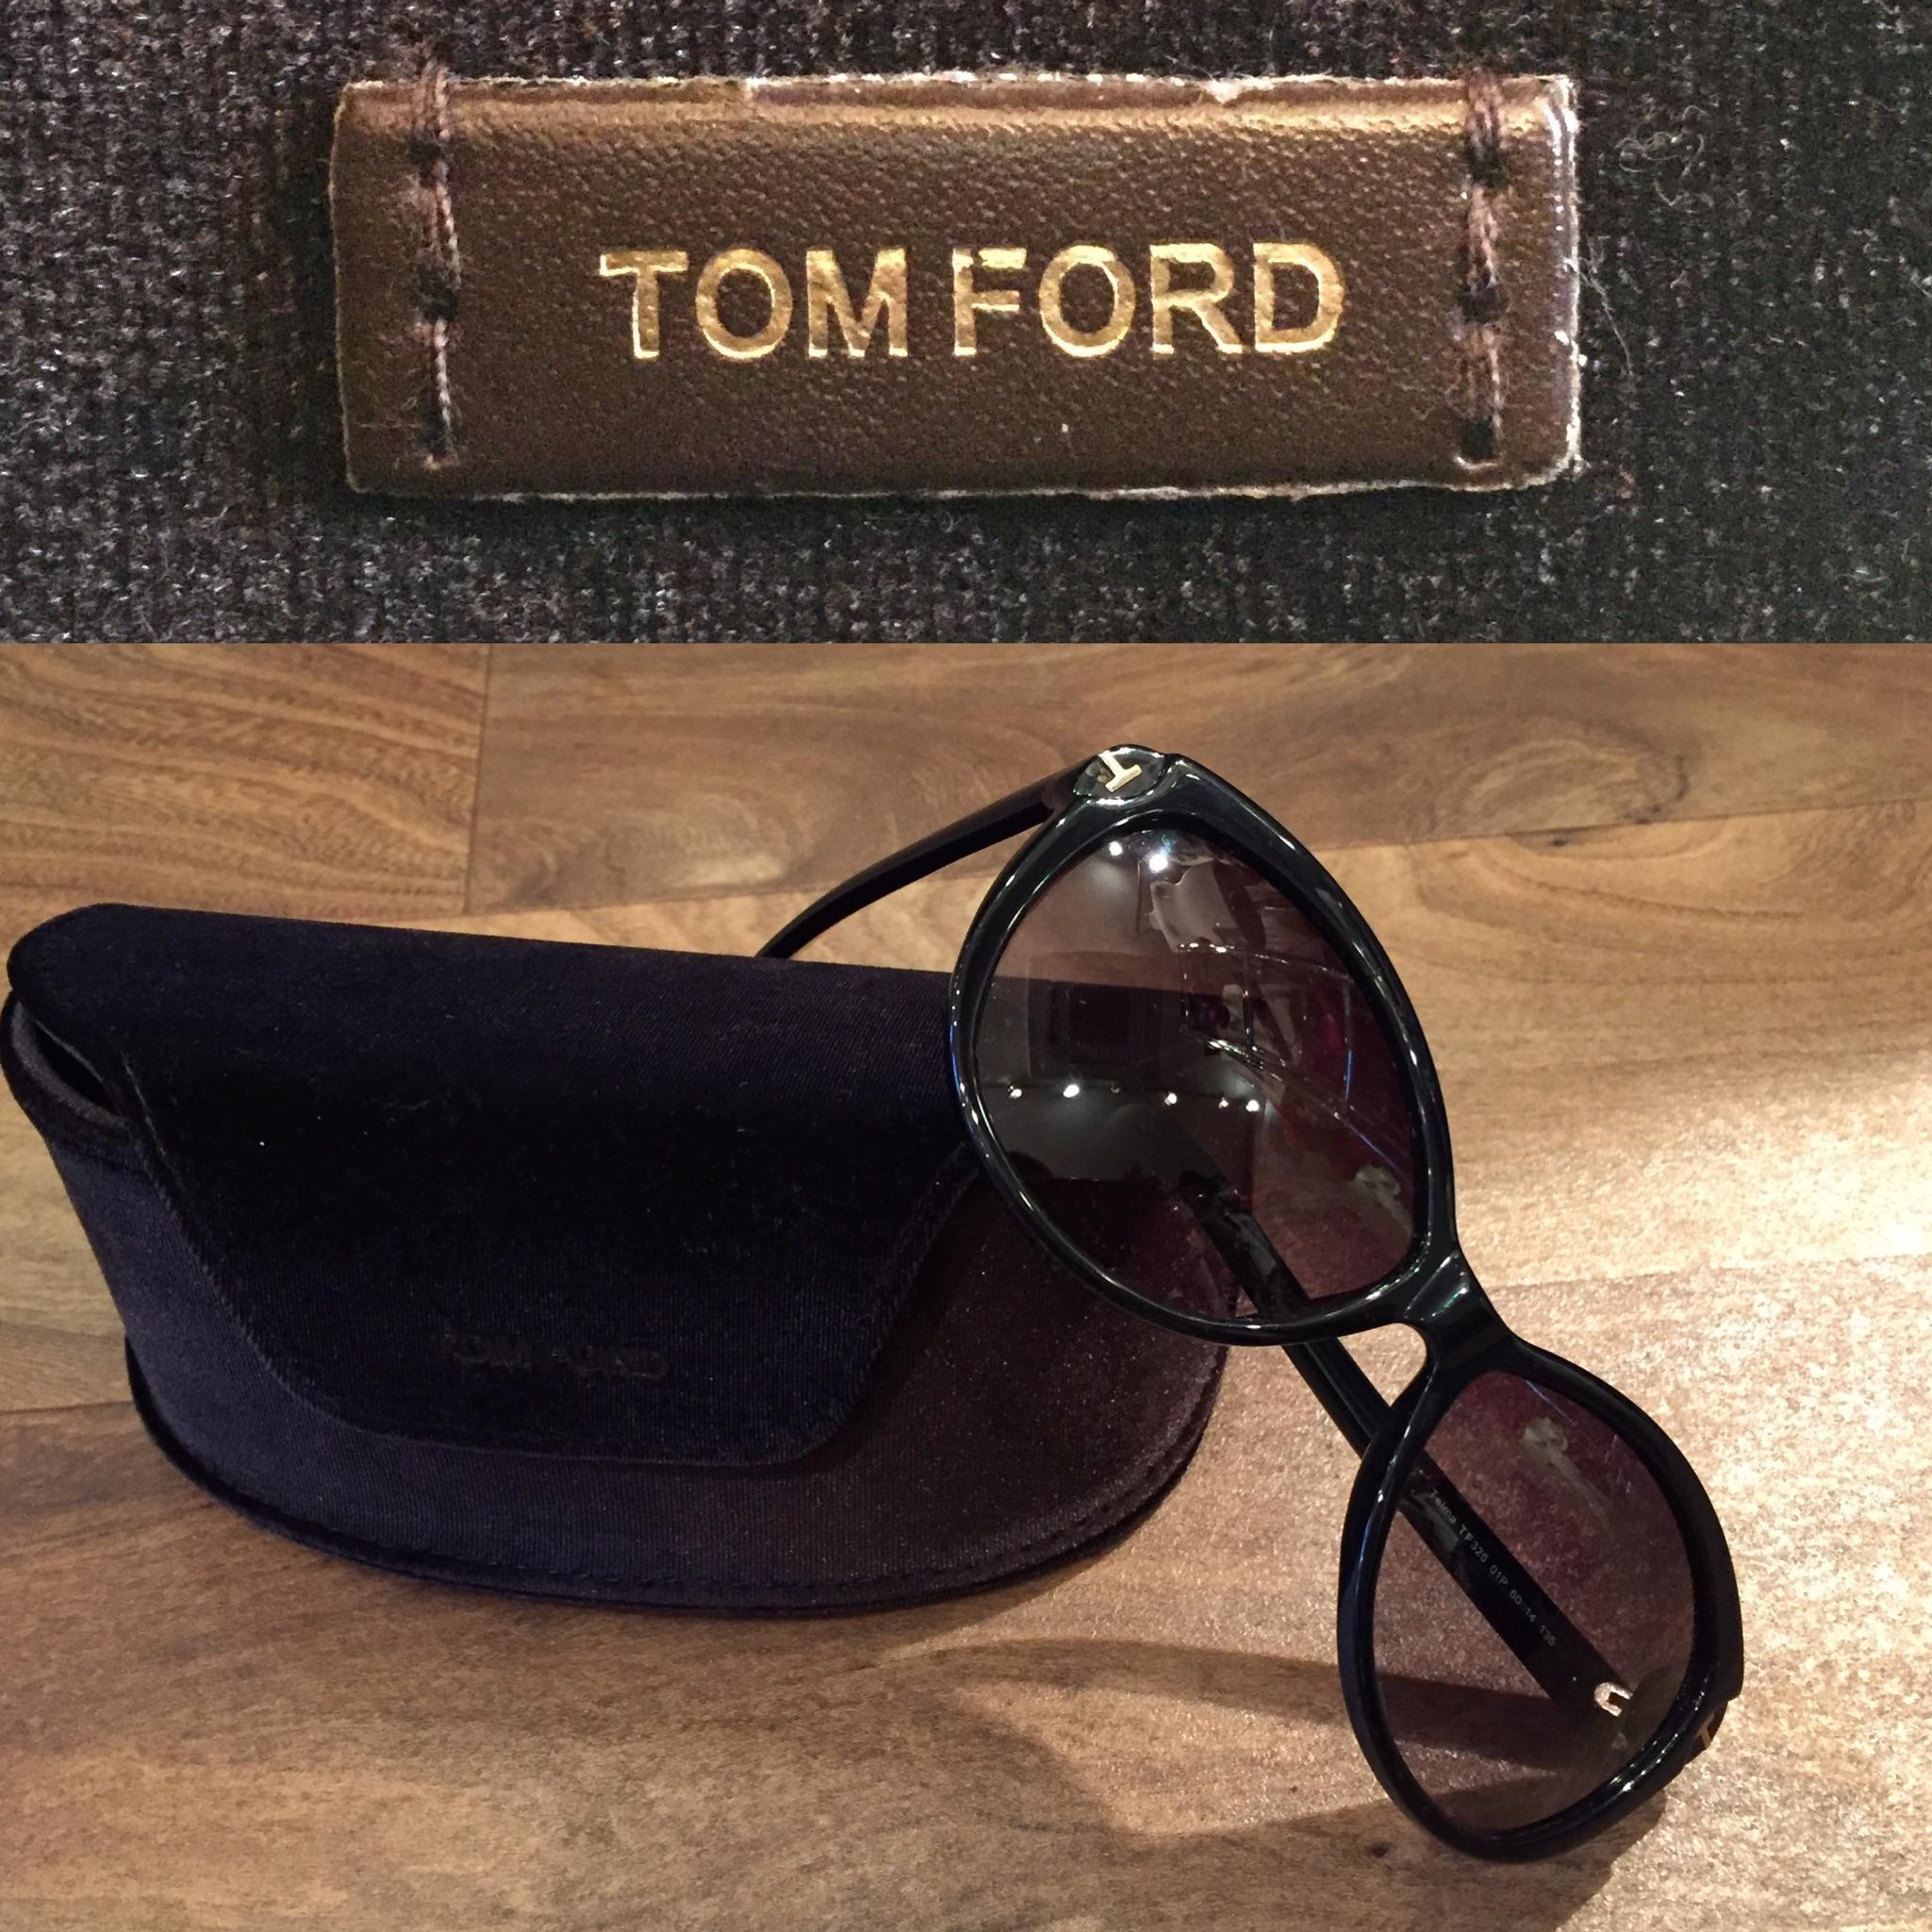 TomFord Glasses1.jpg